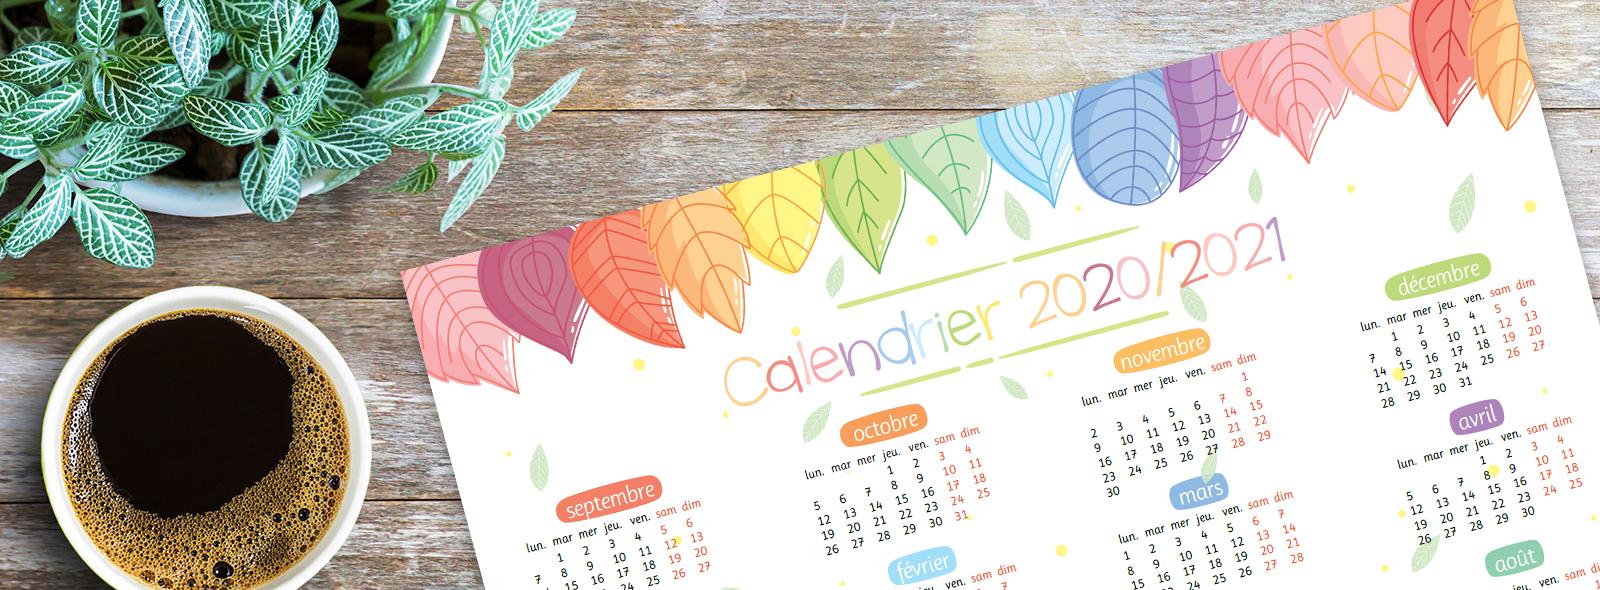 Un calendrier annuel 2020/2021   La tanière de Kyban